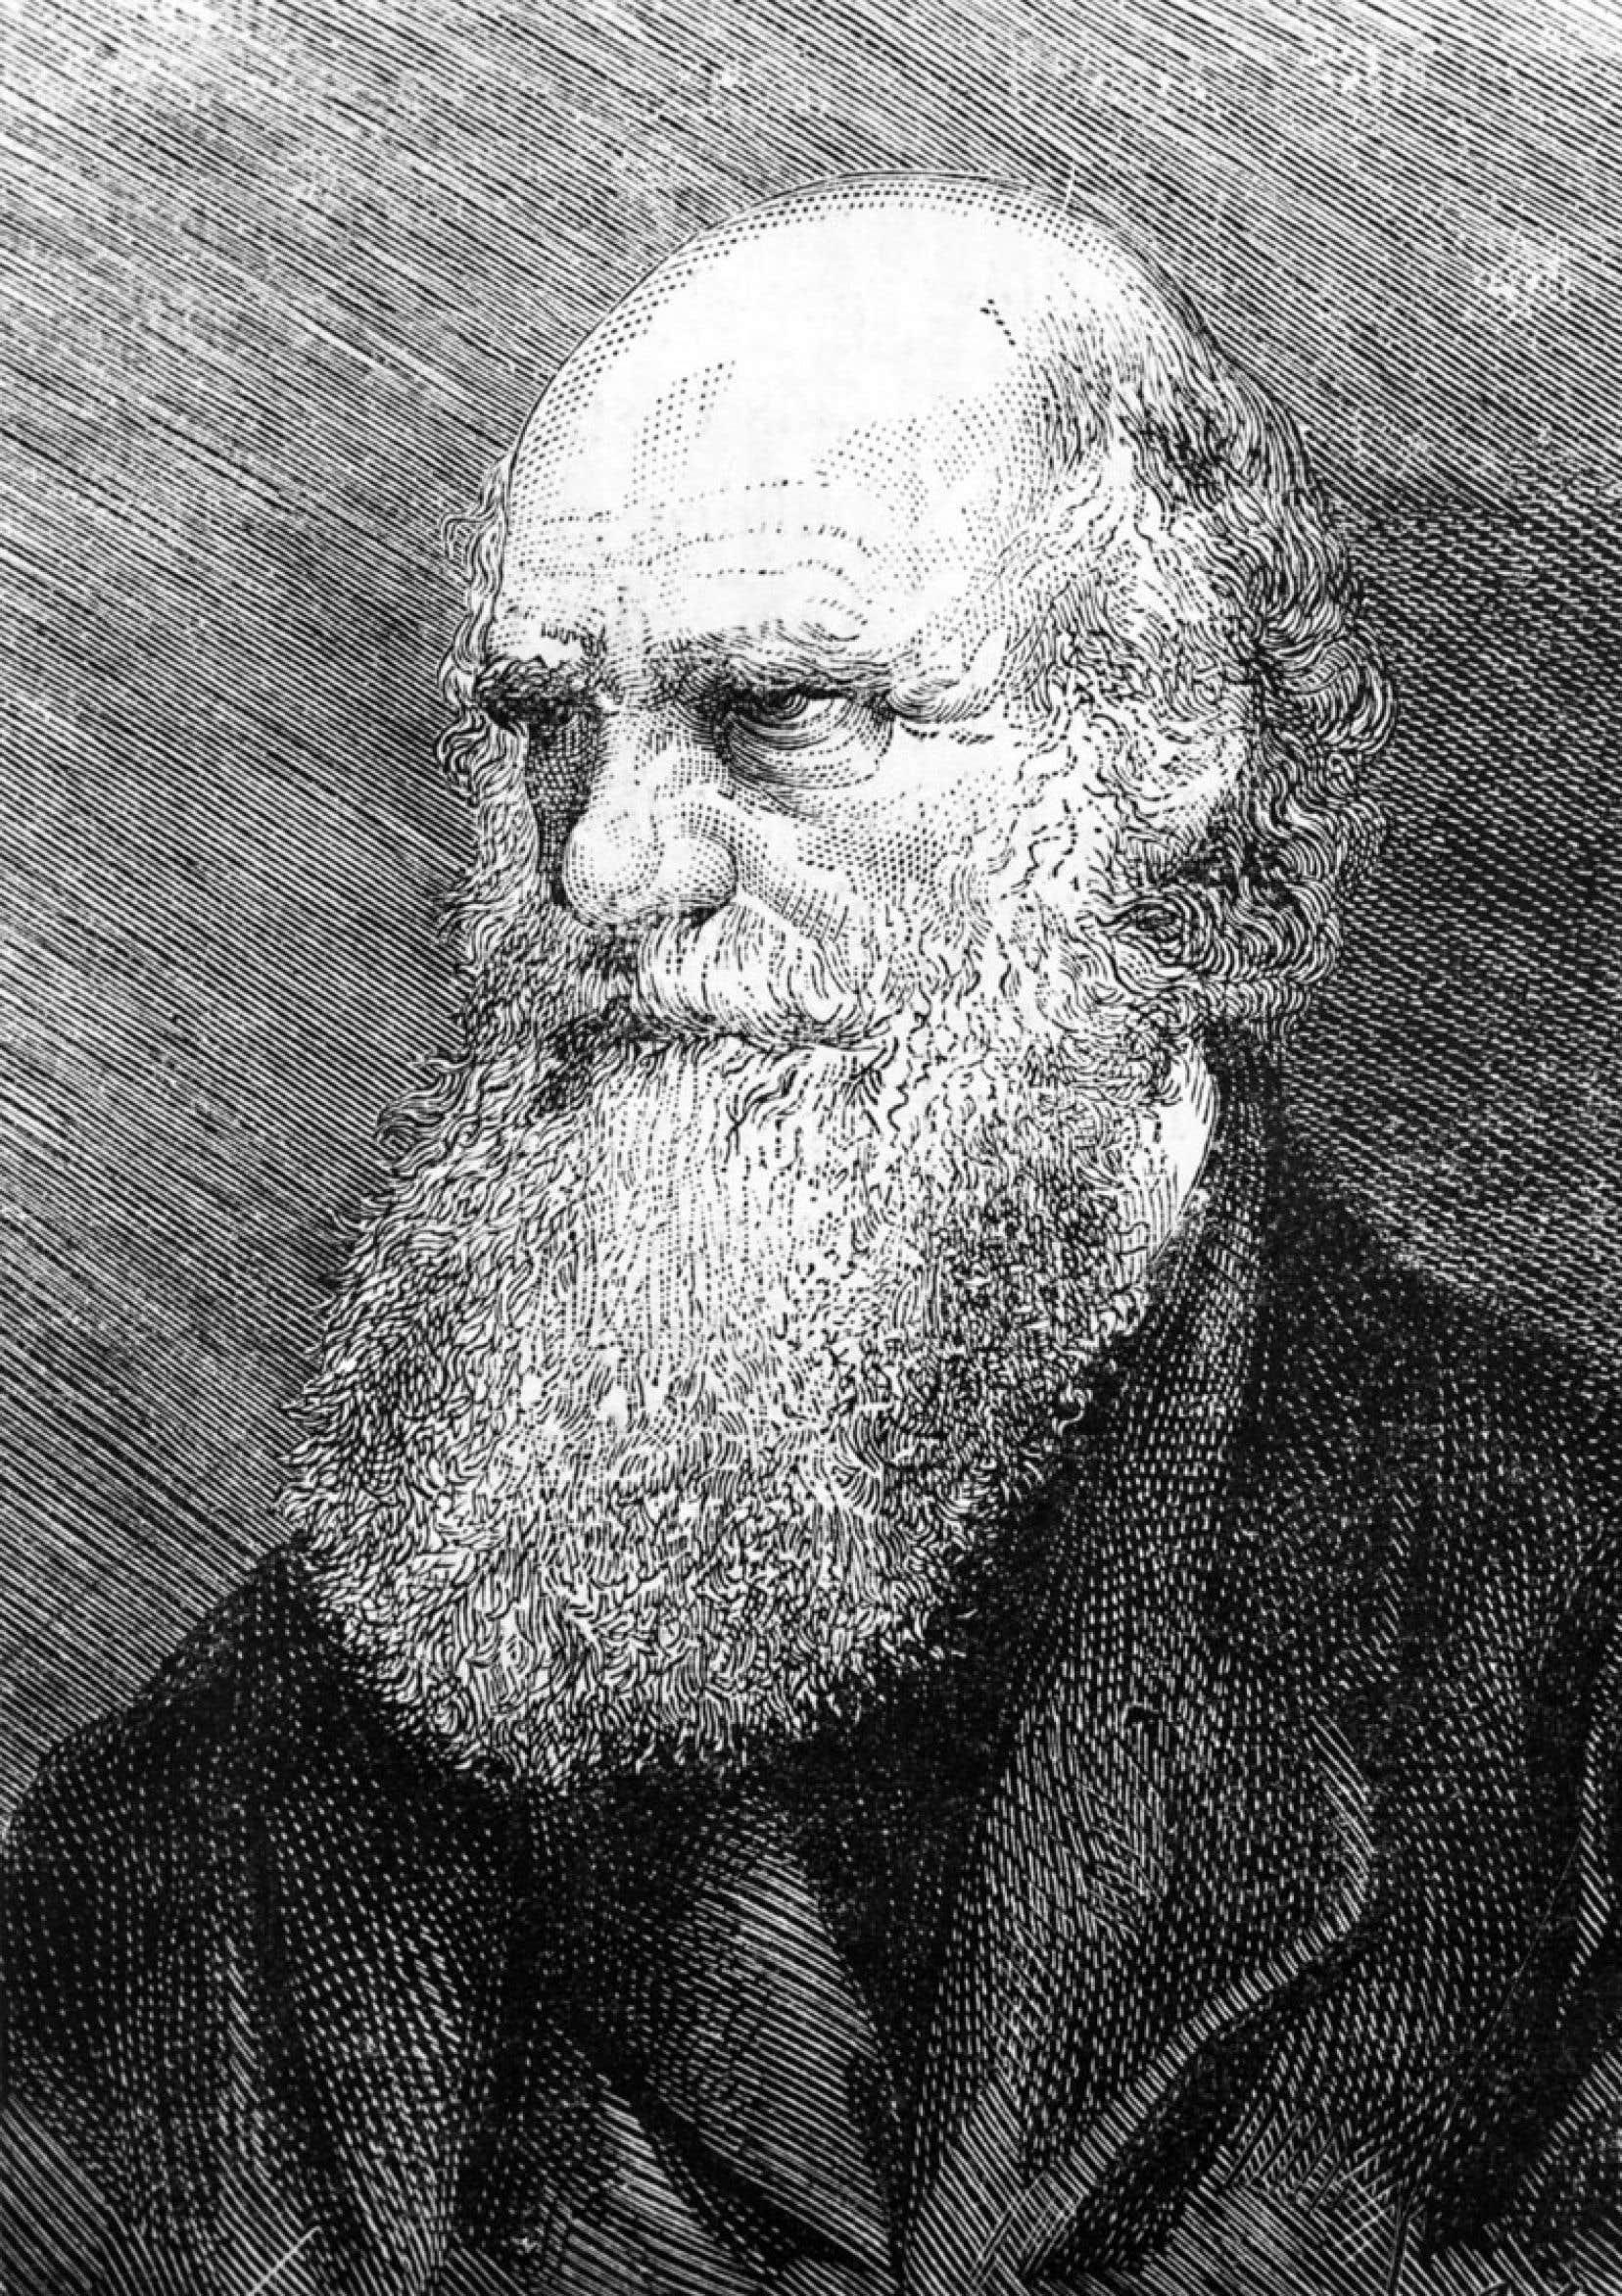 Le naturaliste Charles Darwin «n'invoqua jamais l'évolution pour encourager l'athéisme», a écrit Stephen Jay Gould.